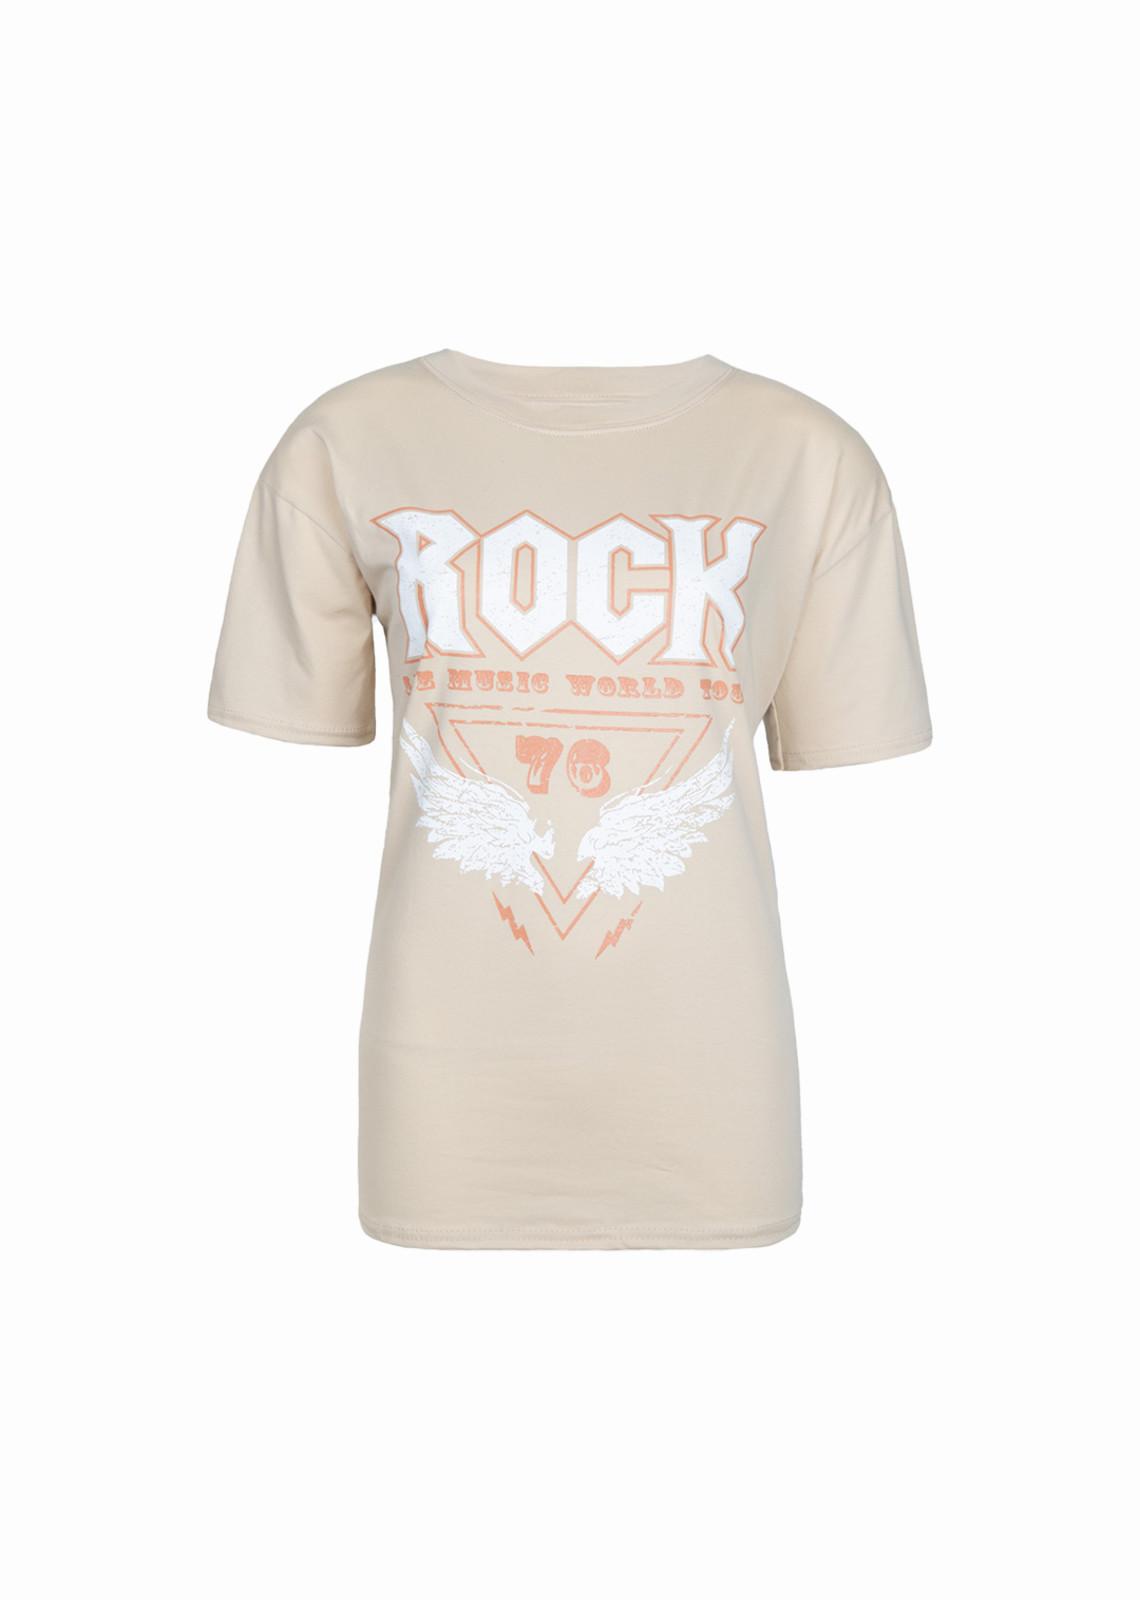 Rock shirt beige